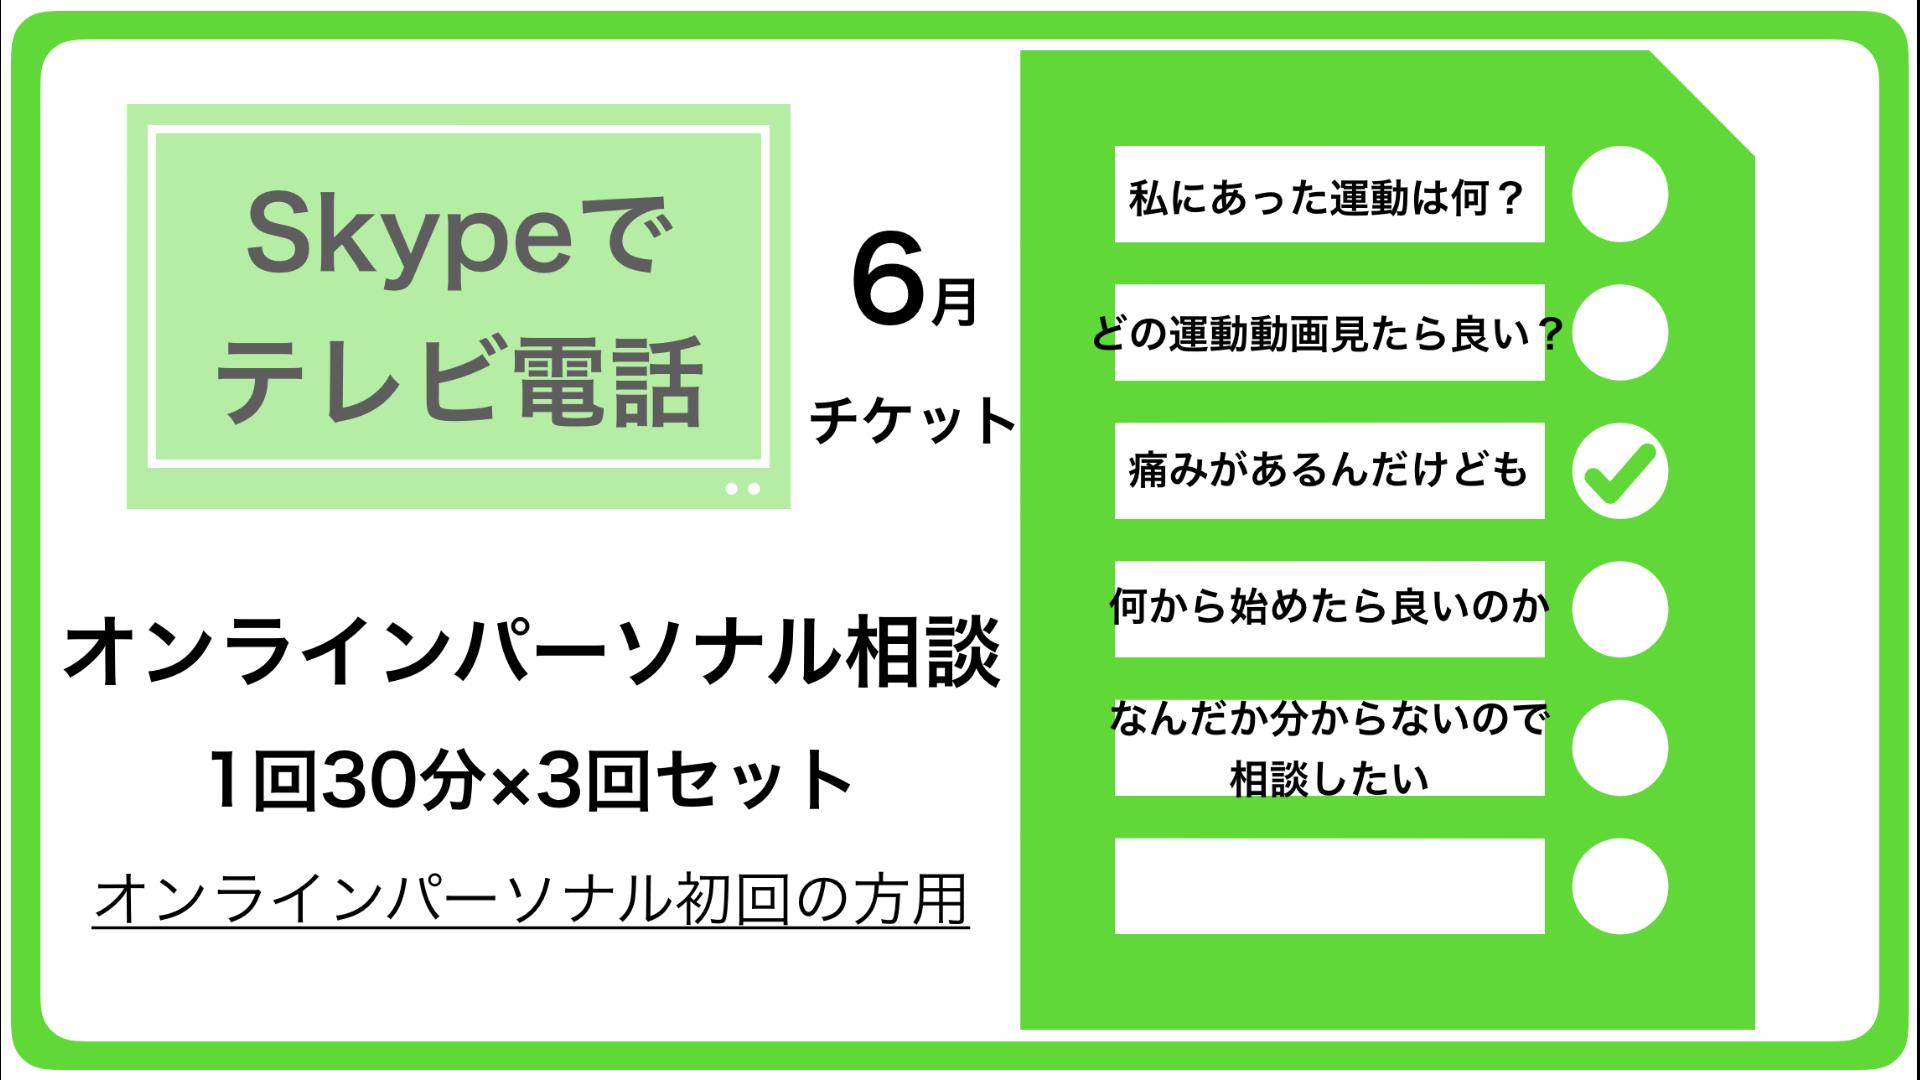 6月オンラインパーソナル【岡本】限定3枠